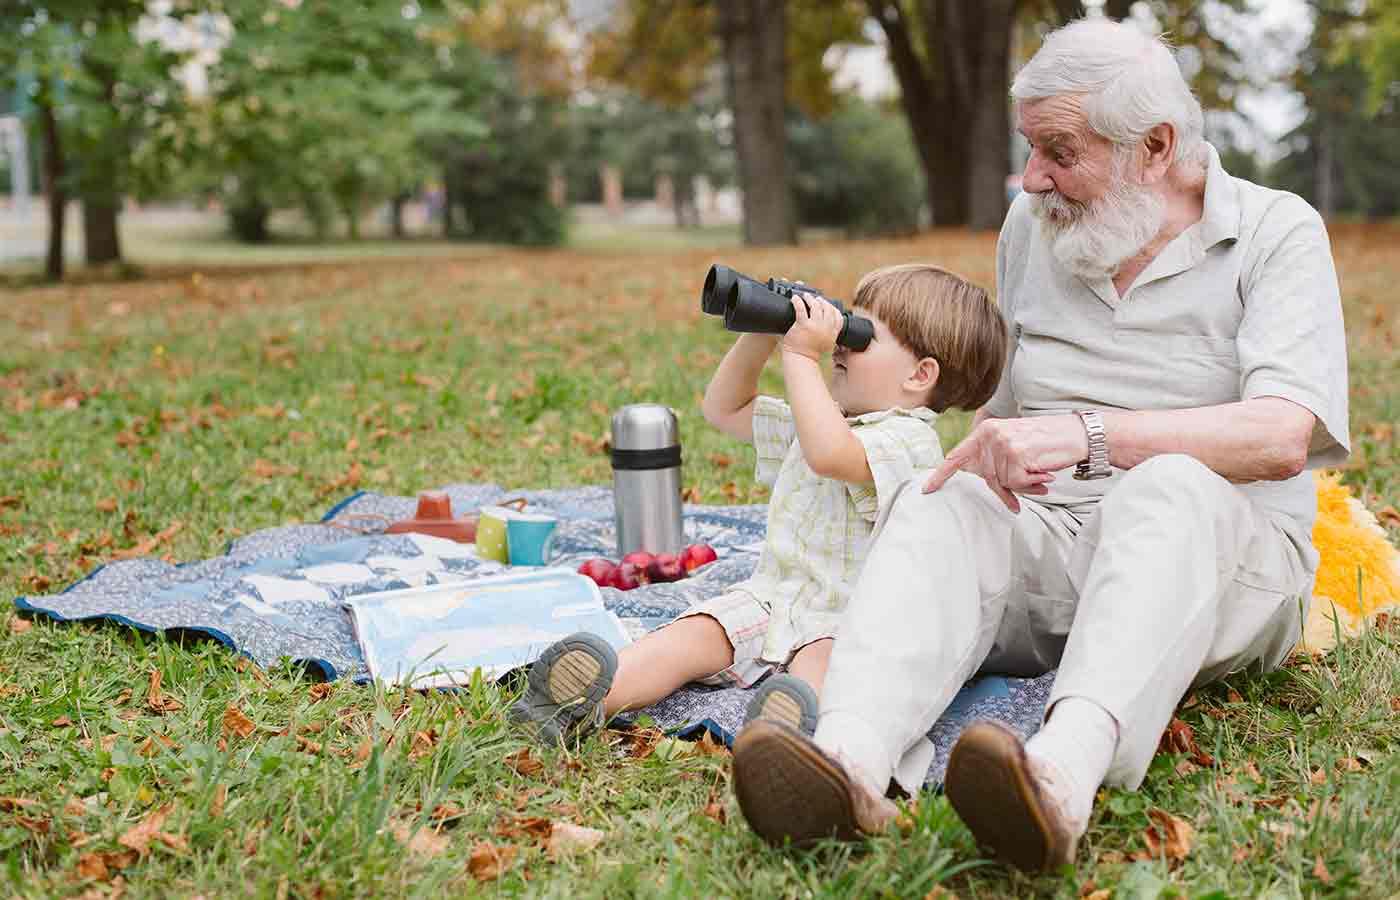 La increíble unión entre abuelos y nietos